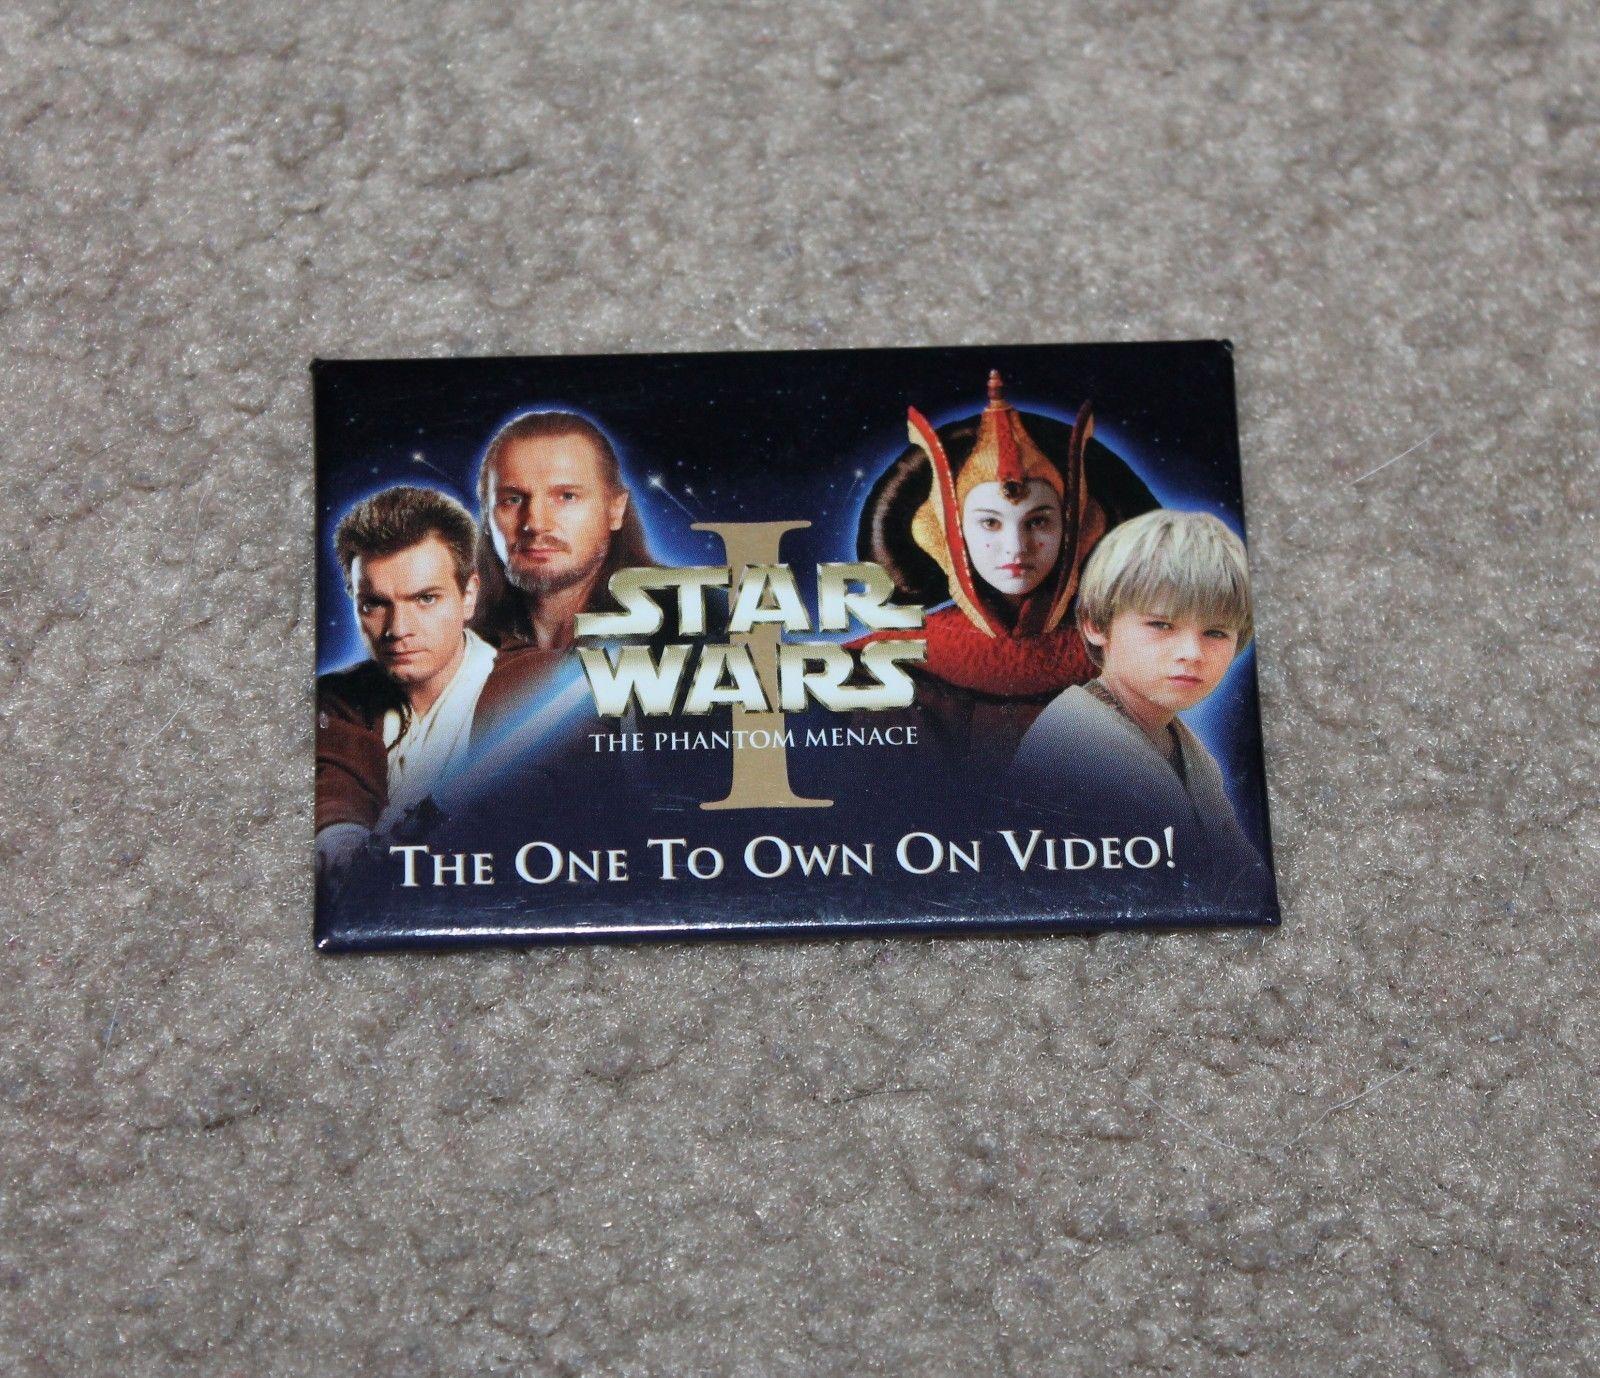 Star Wars Episode 1 The Phantom Menace Pin Badge